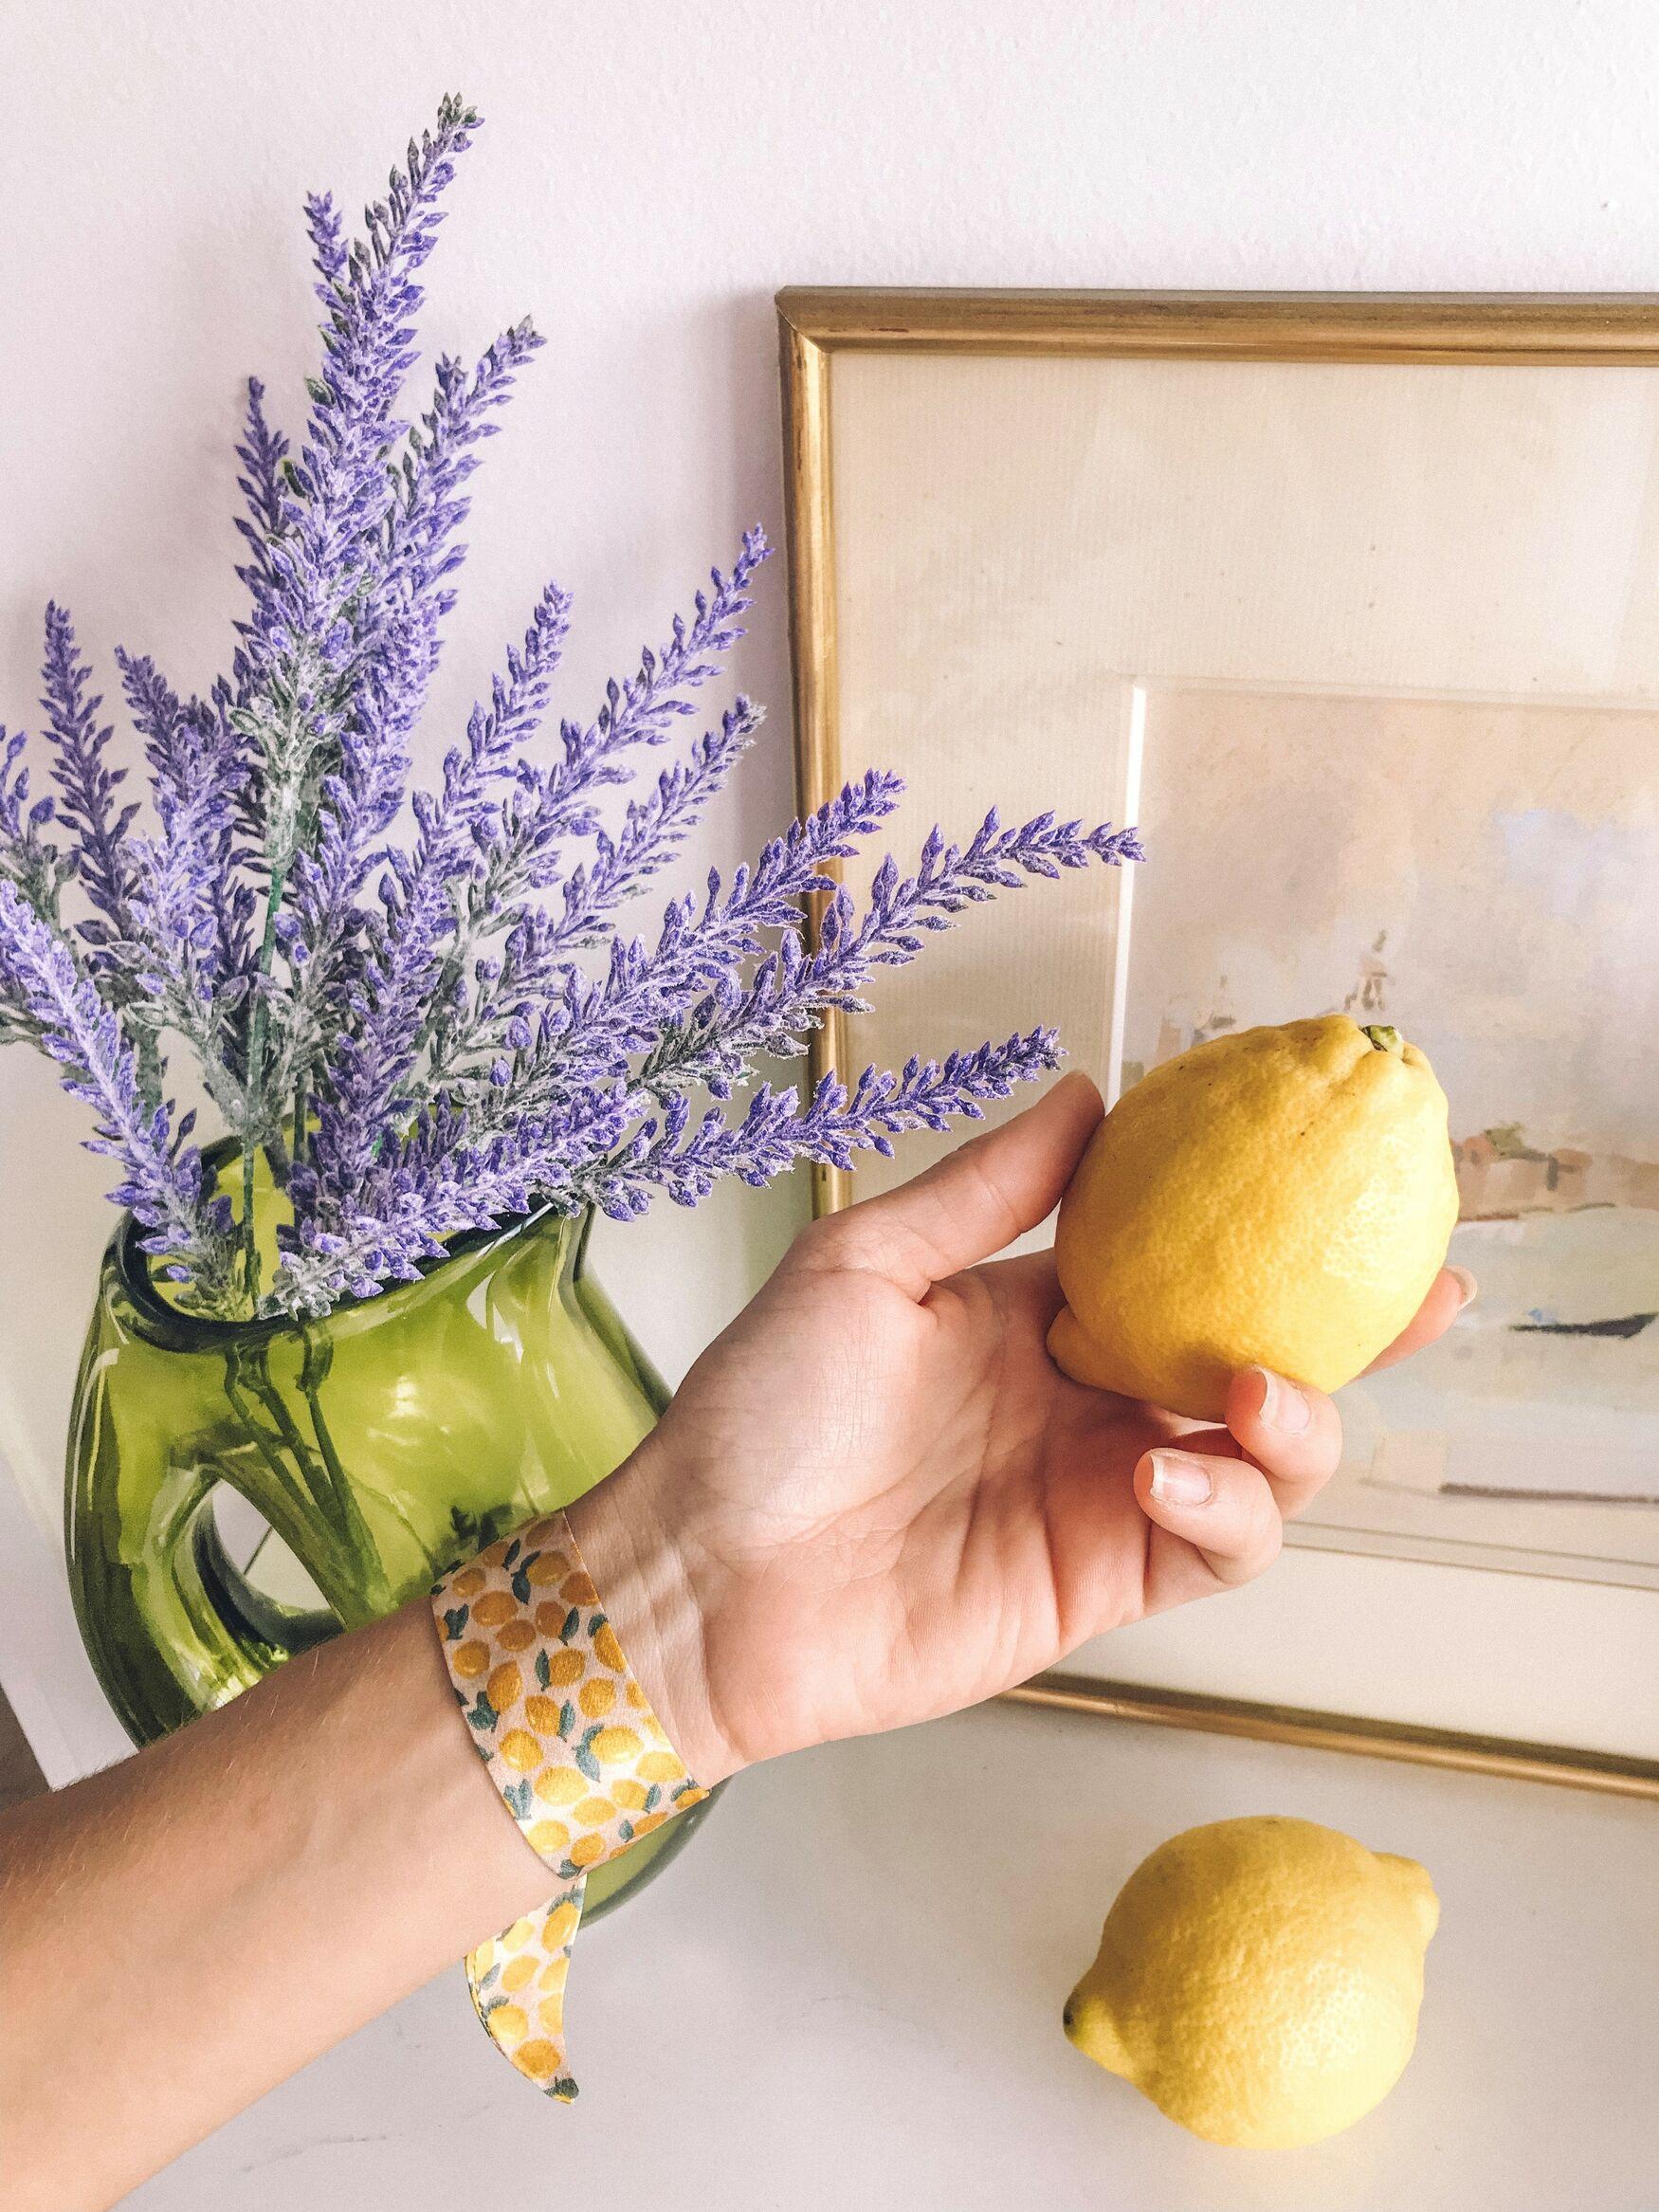 Bracelet en soie | bracelet femme tendance | bracelet citron | Cénélia | Citronnade